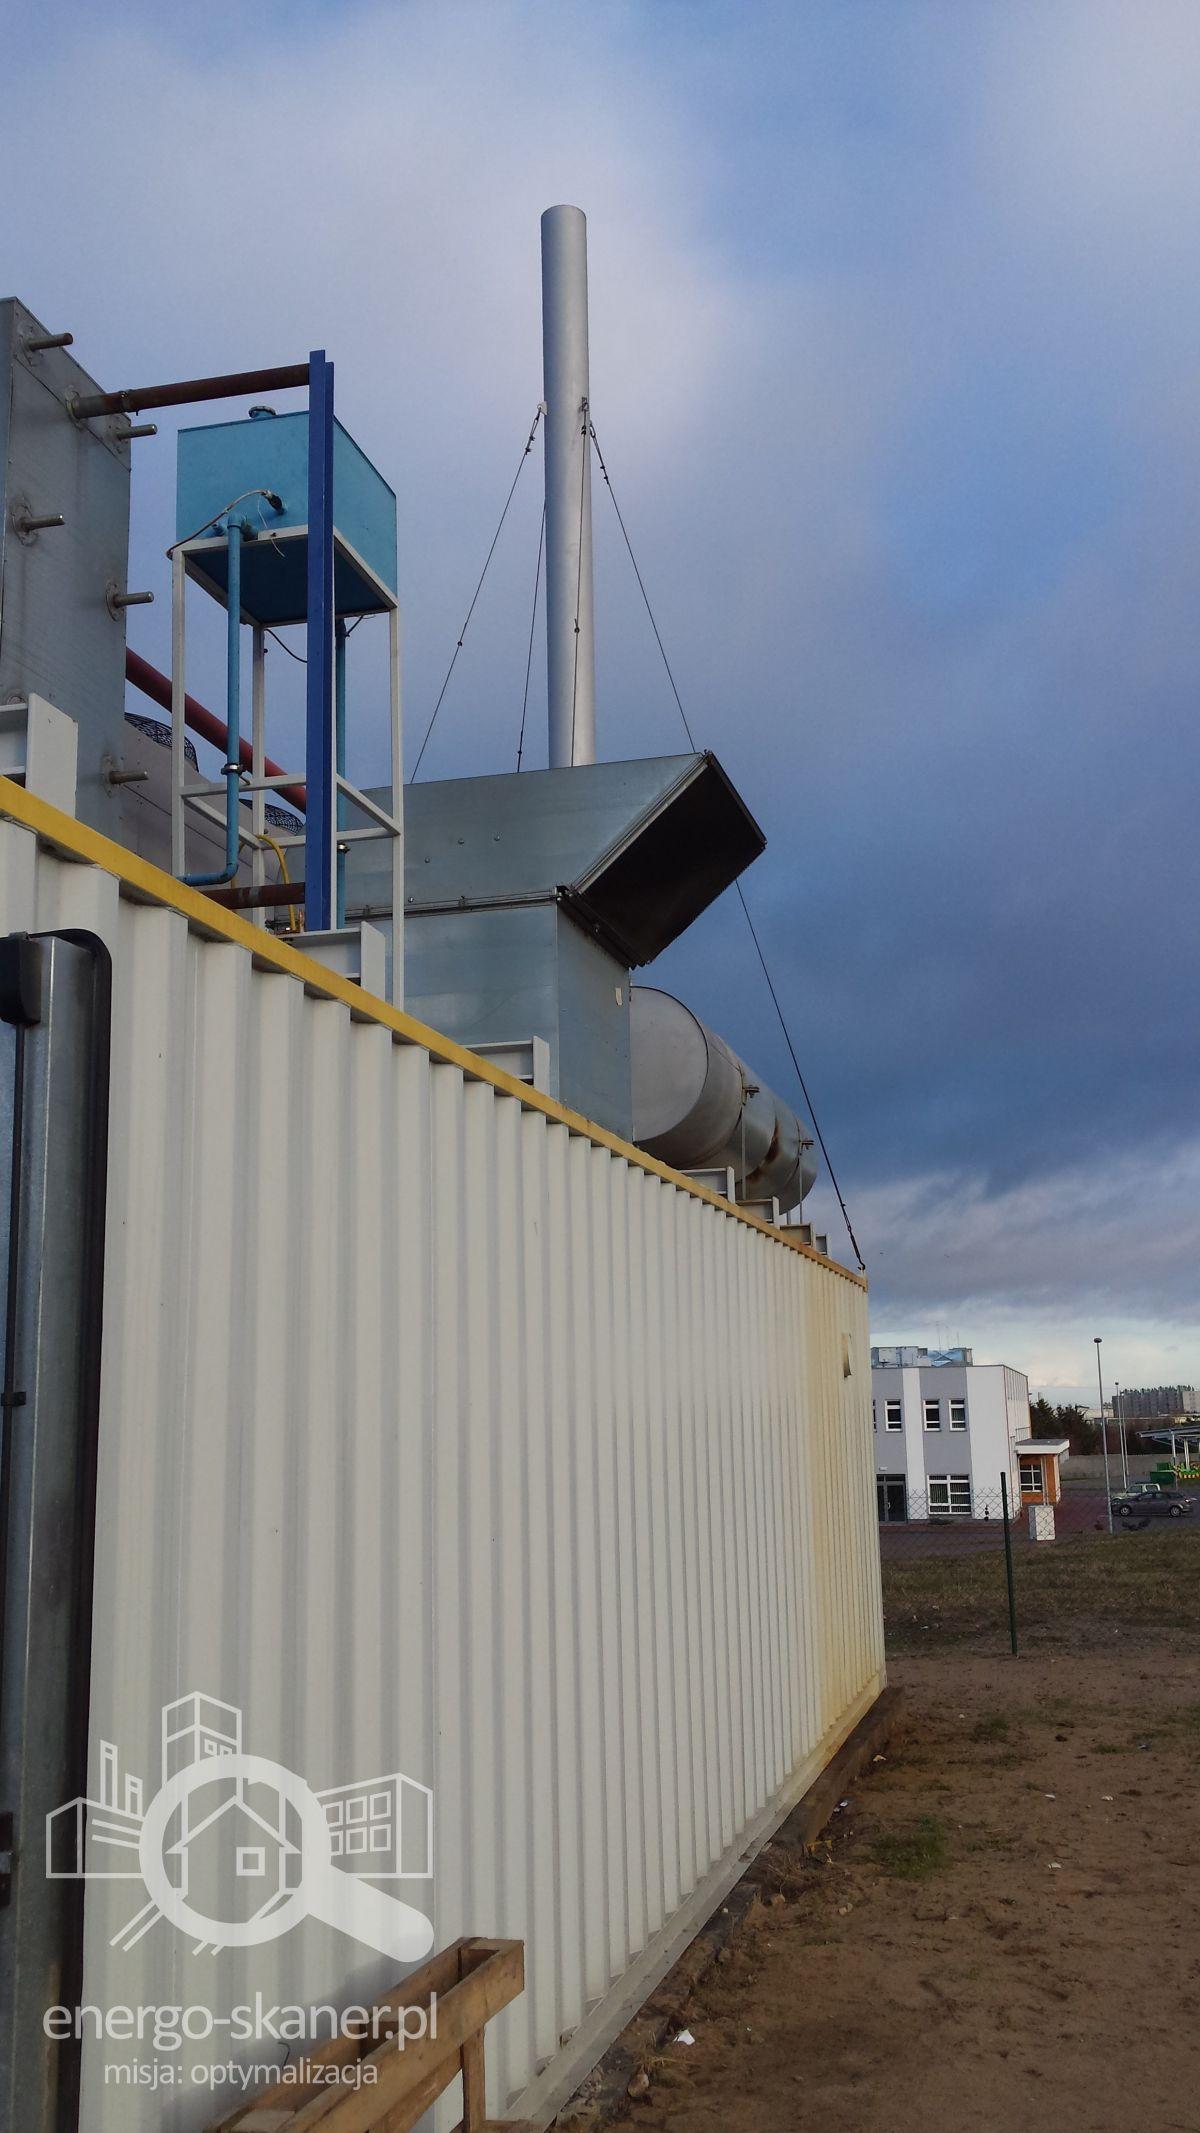 Audyt energetyczny źródła kogeneracyjnego na biogaz